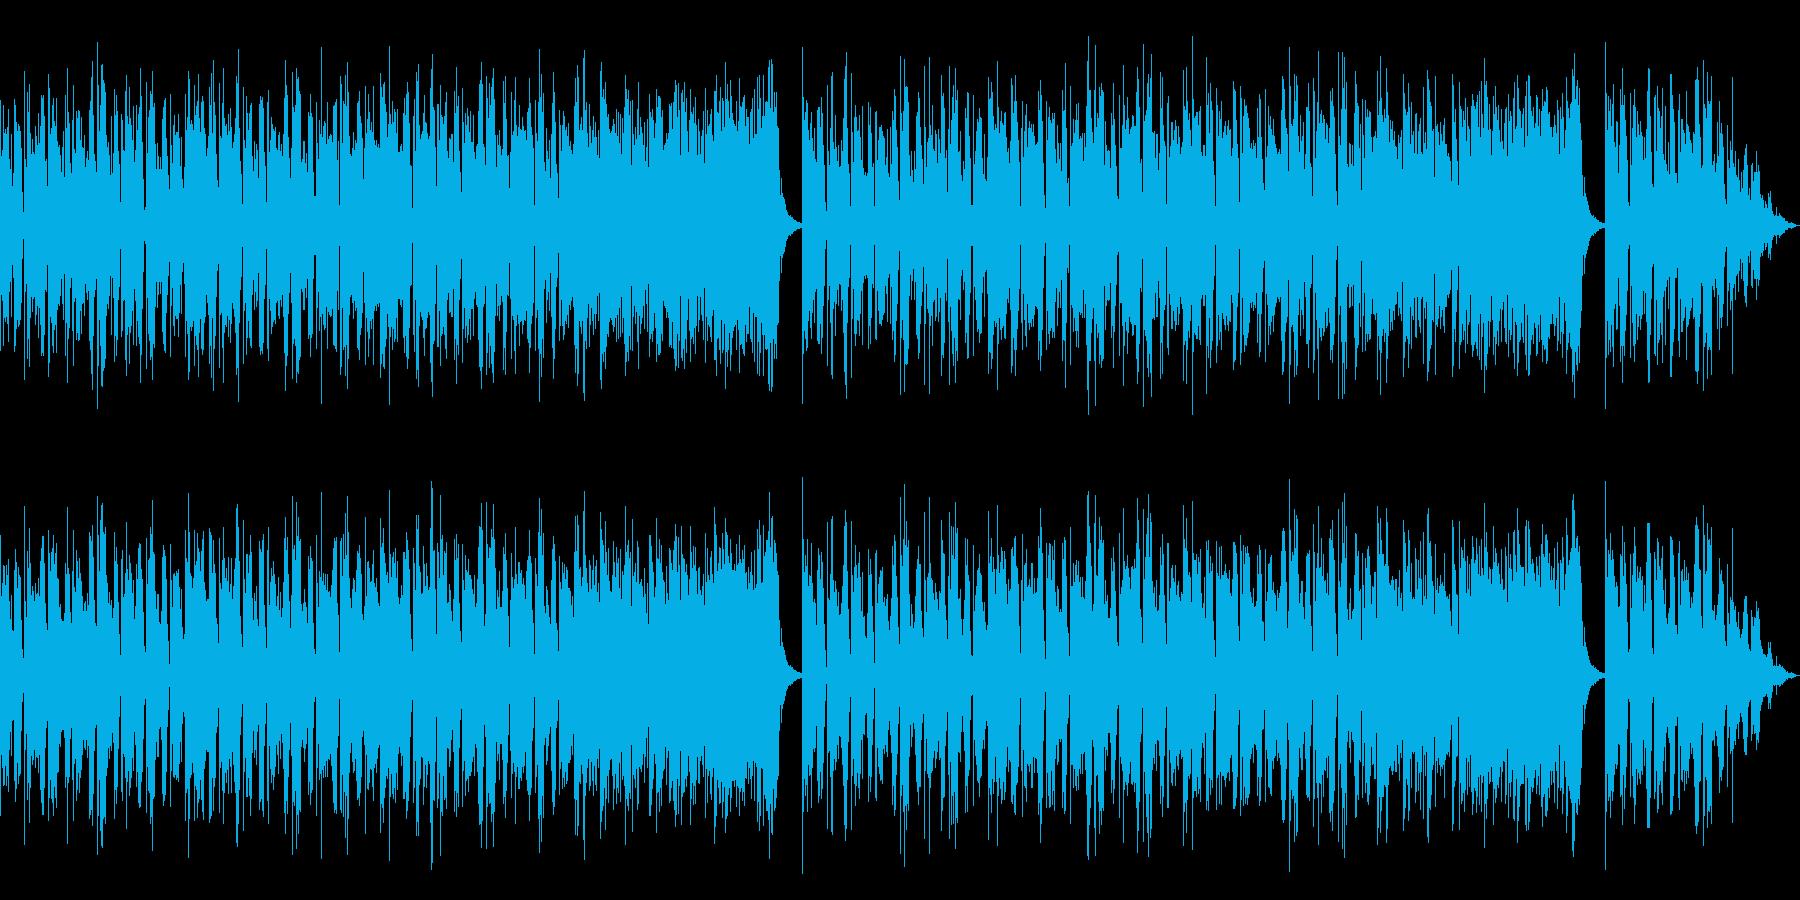 魔法の酒 鎮静 酩酊 民族+電子音楽の再生済みの波形